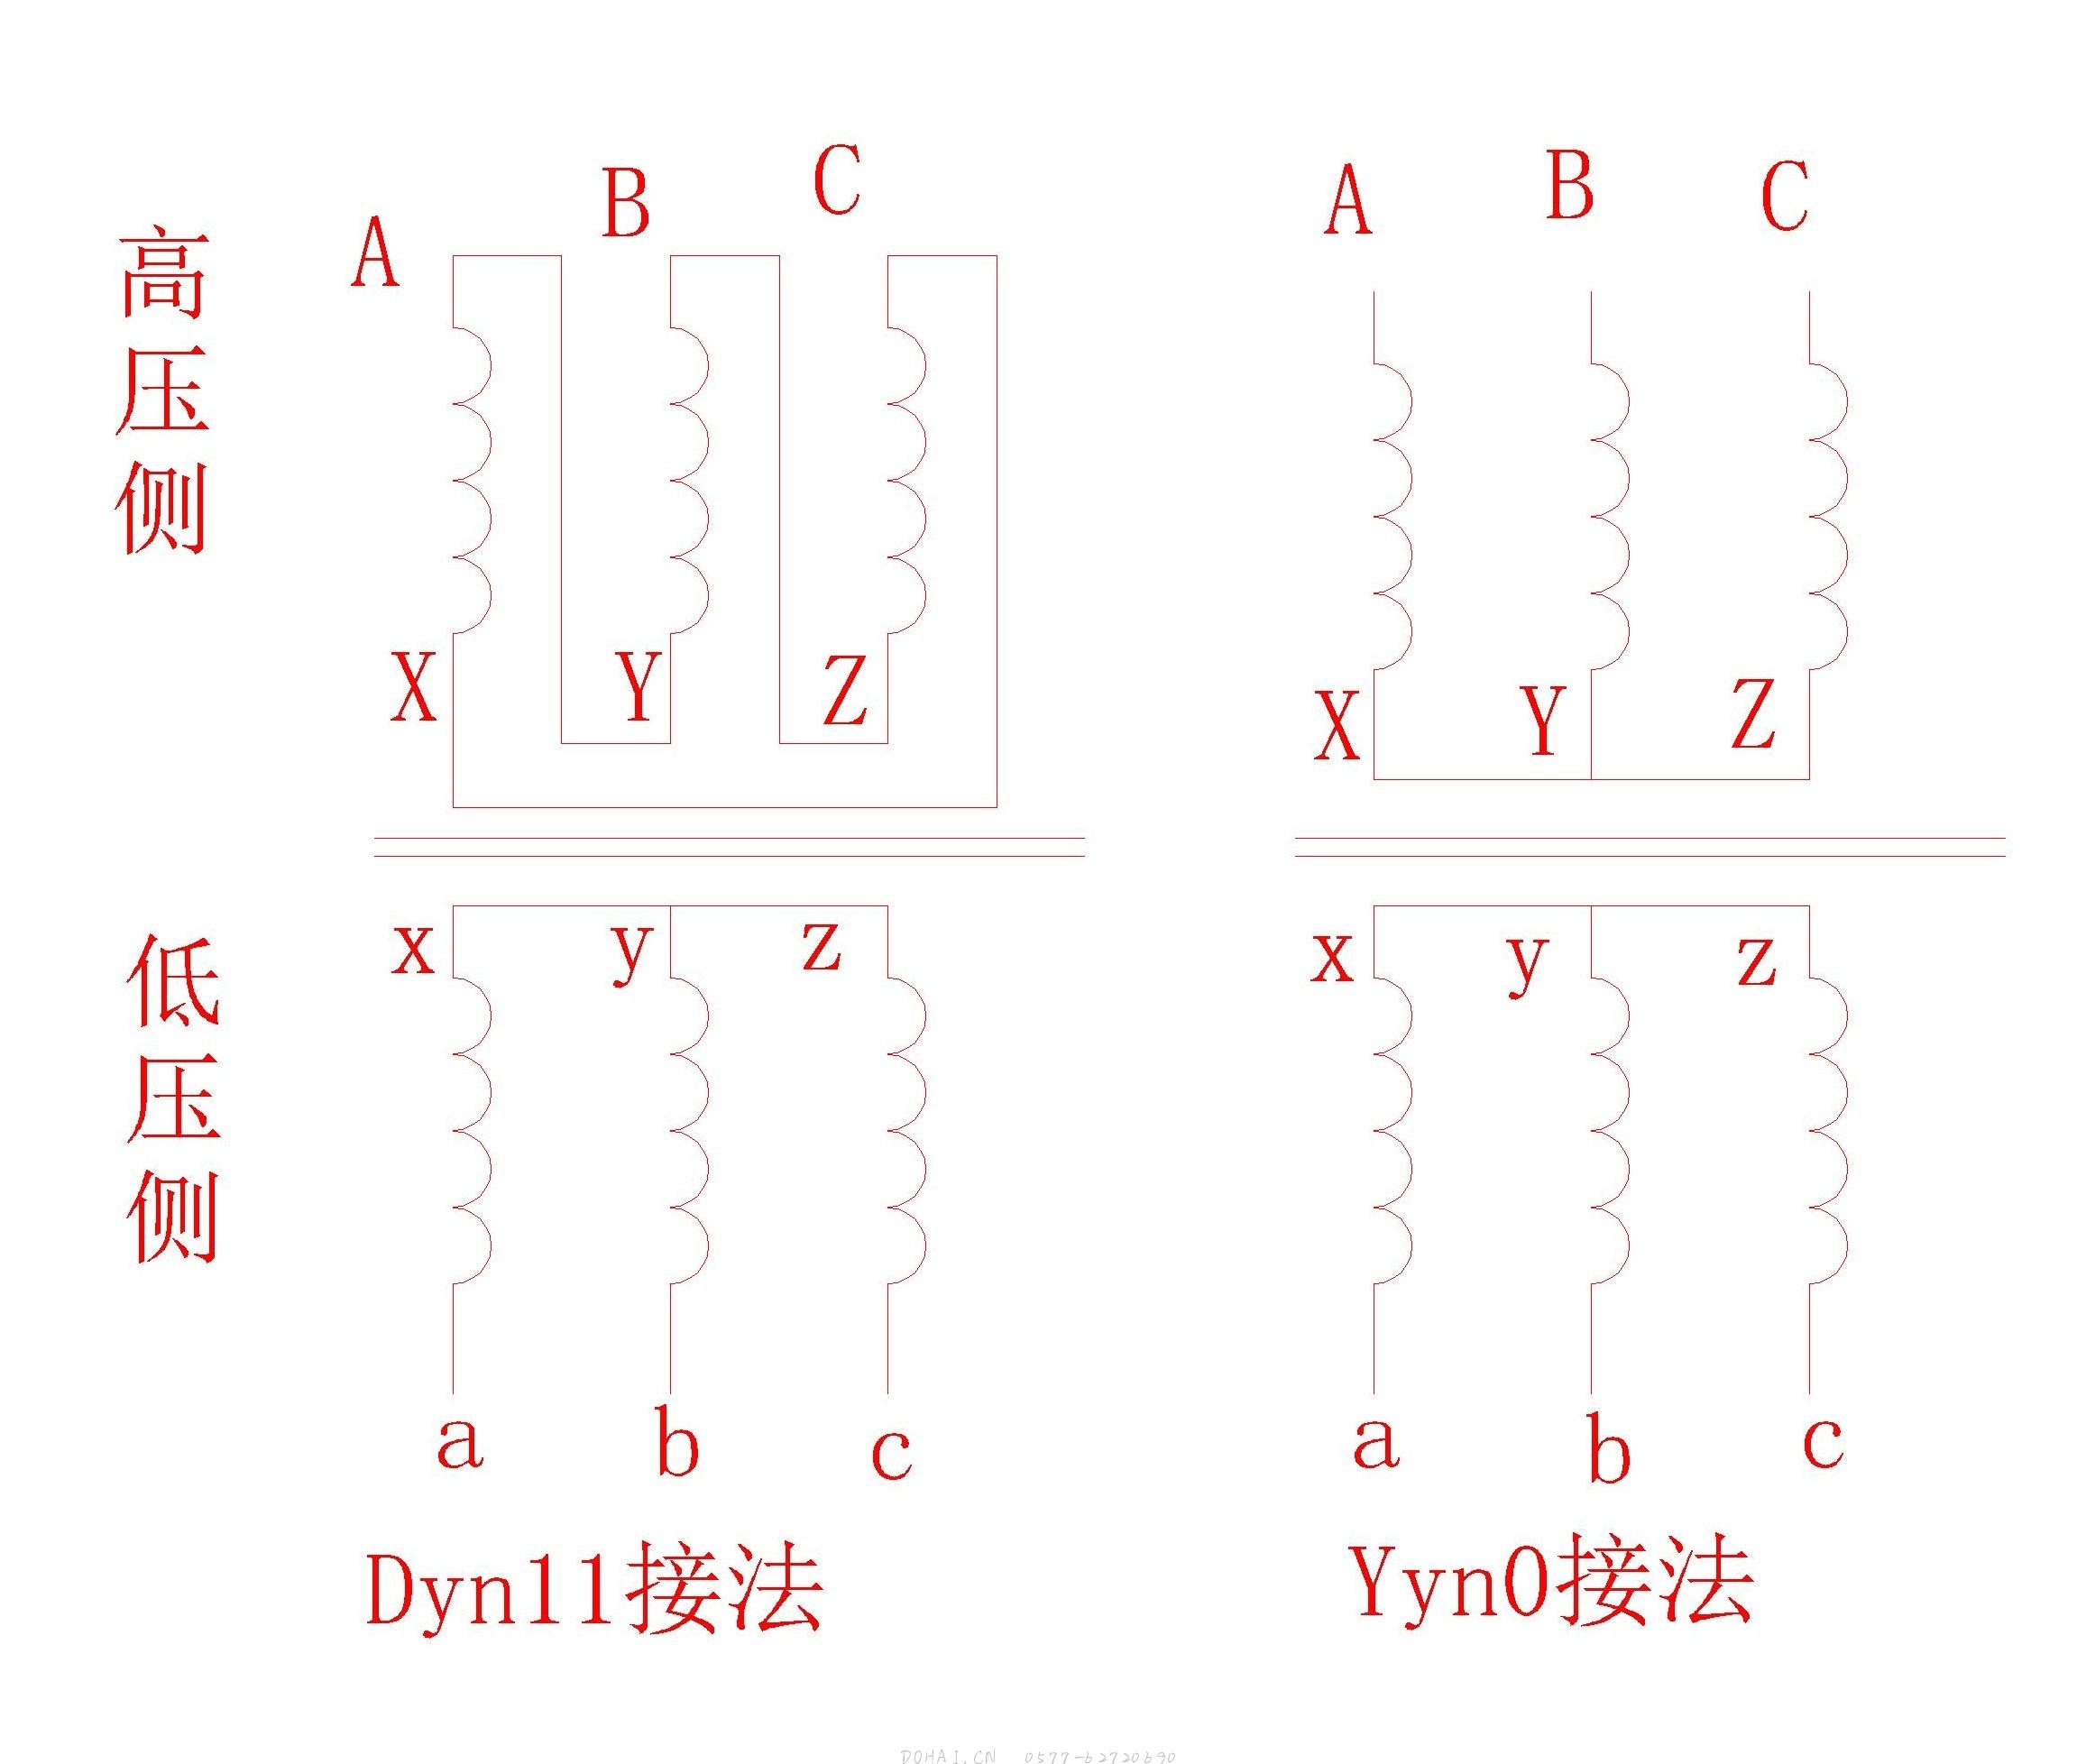 变压器dyn11接线盒yyn0接线的示意图